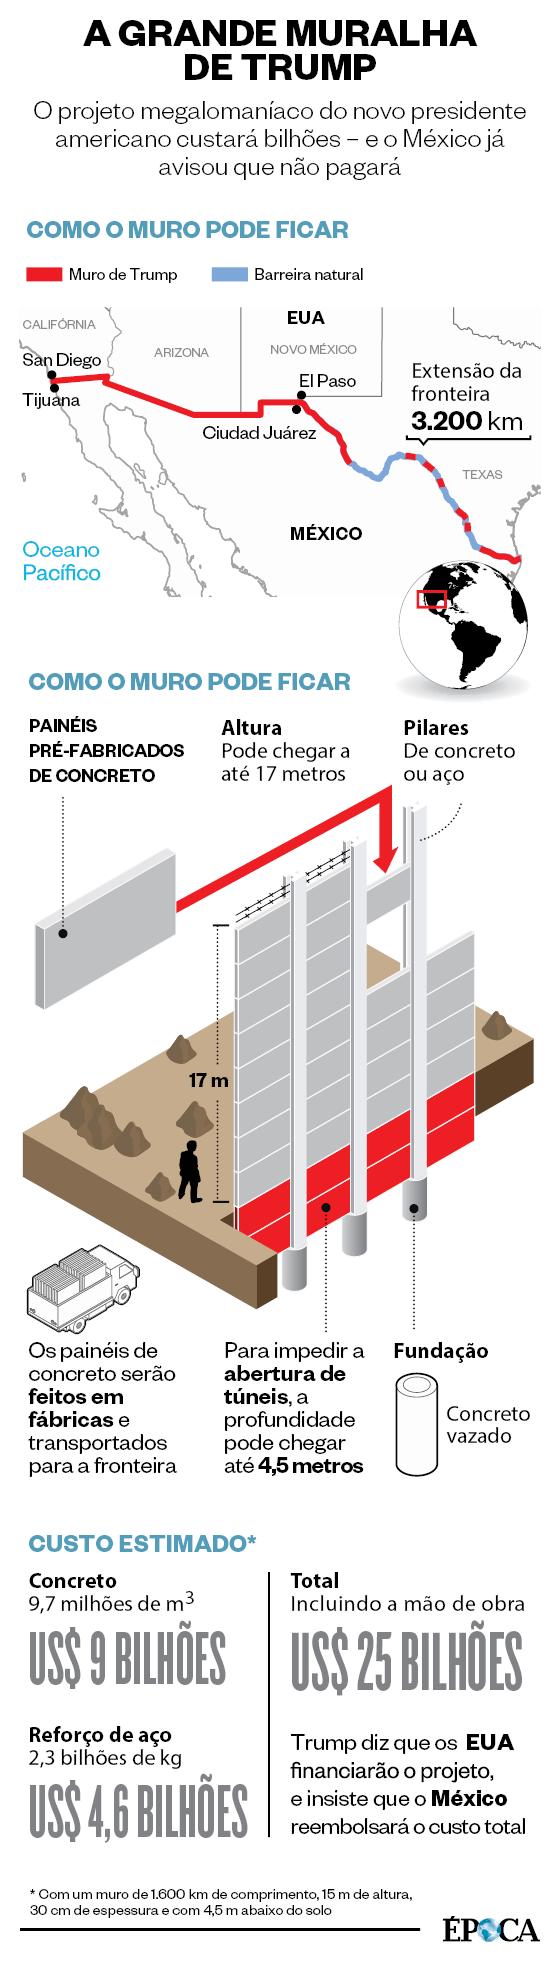 A grande muralha de Trump (Foto: Infografia ÉPOCA)